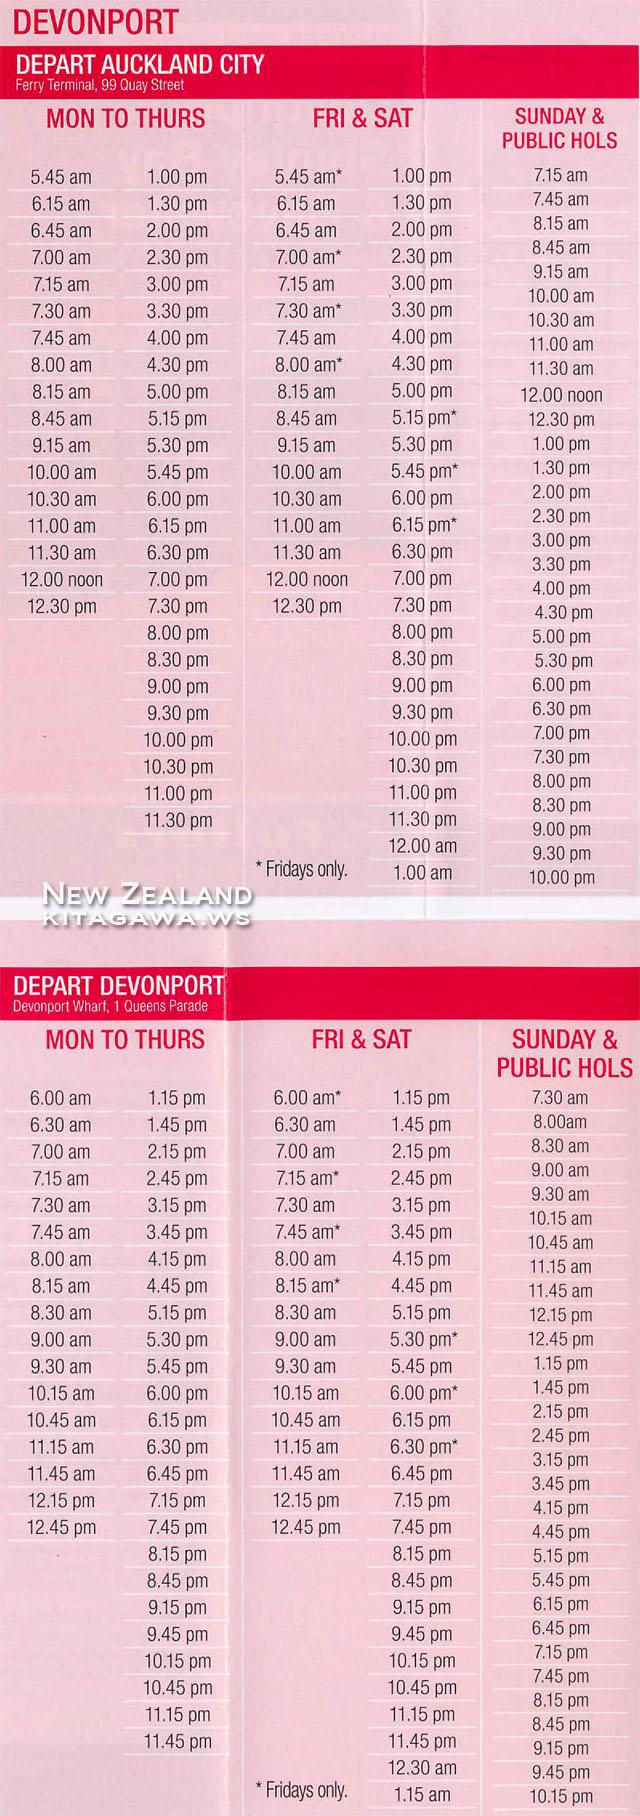 デボンポート行きフェリー時刻表